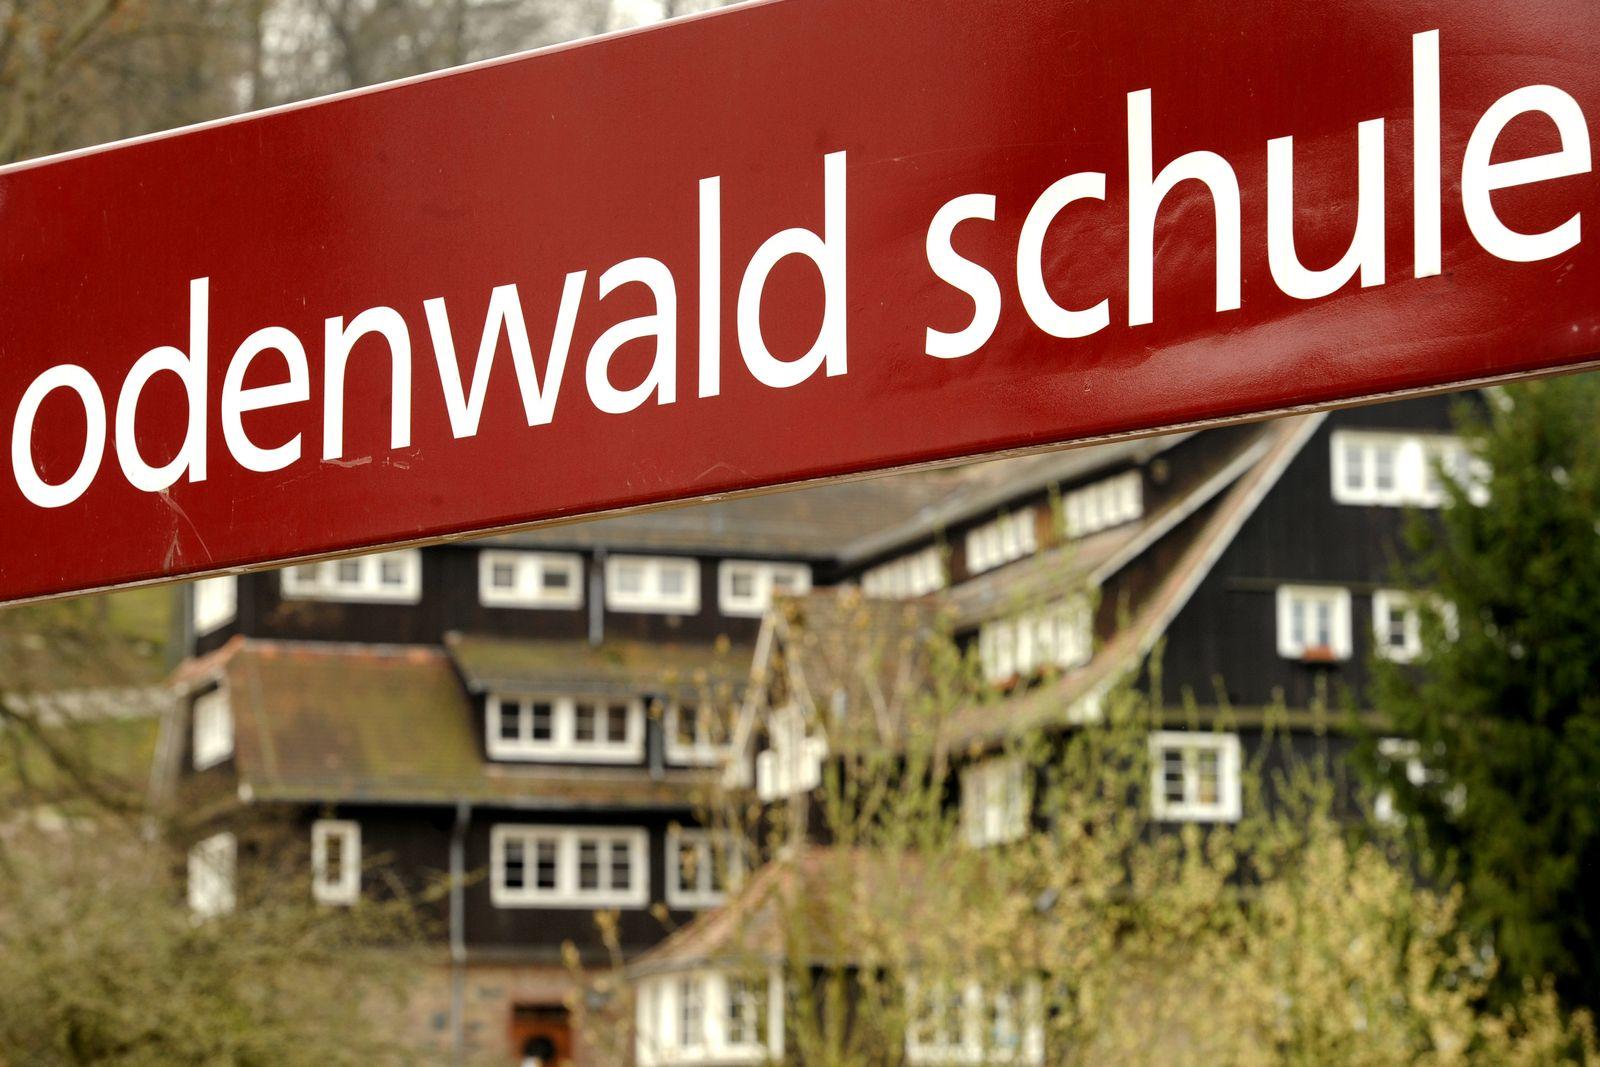 Odenwaldschule in Heppenheim